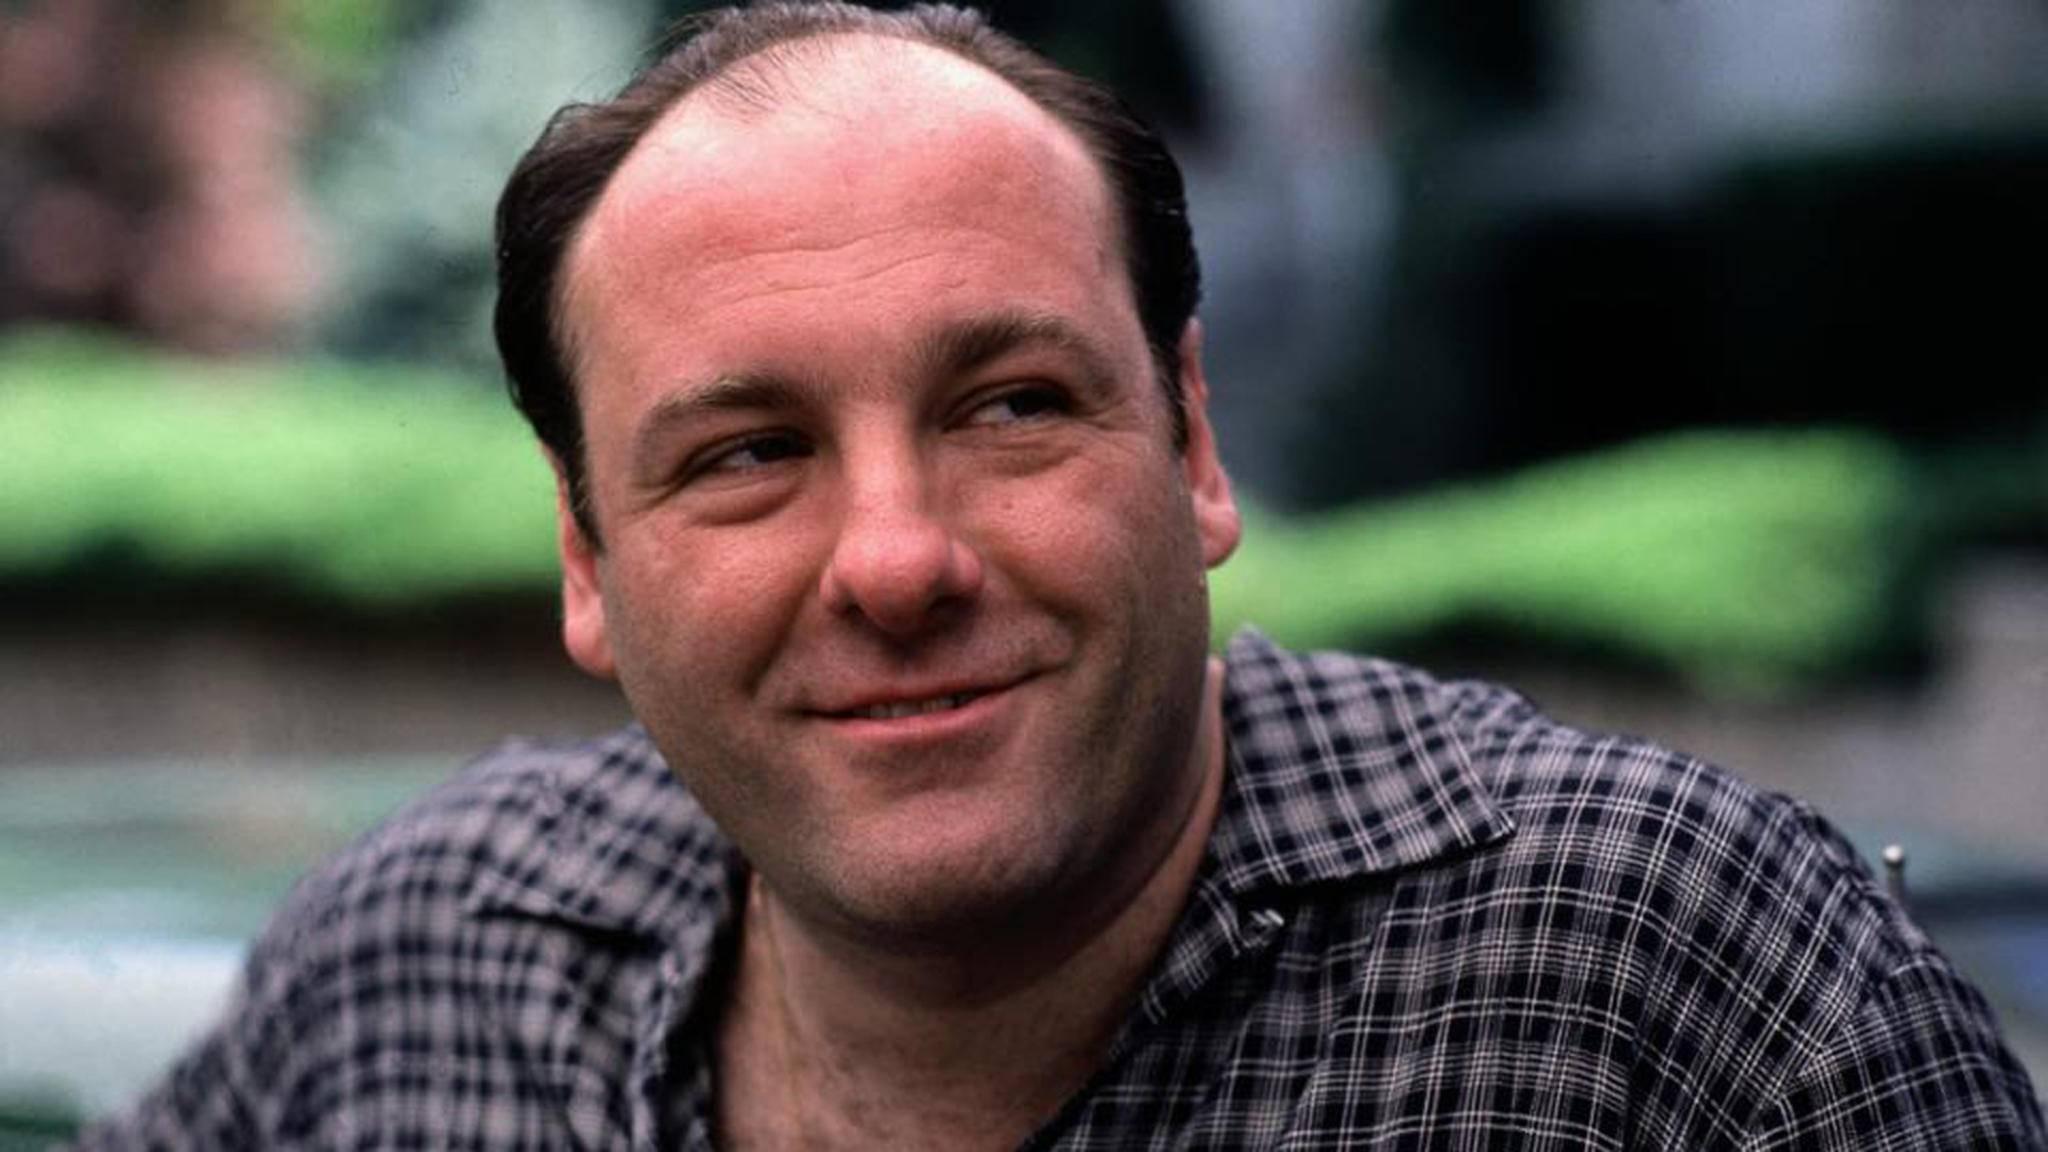 Wie verlief wohl die Kindheit von Tony Soprano? Wir erfahren es hoffentlich bald.